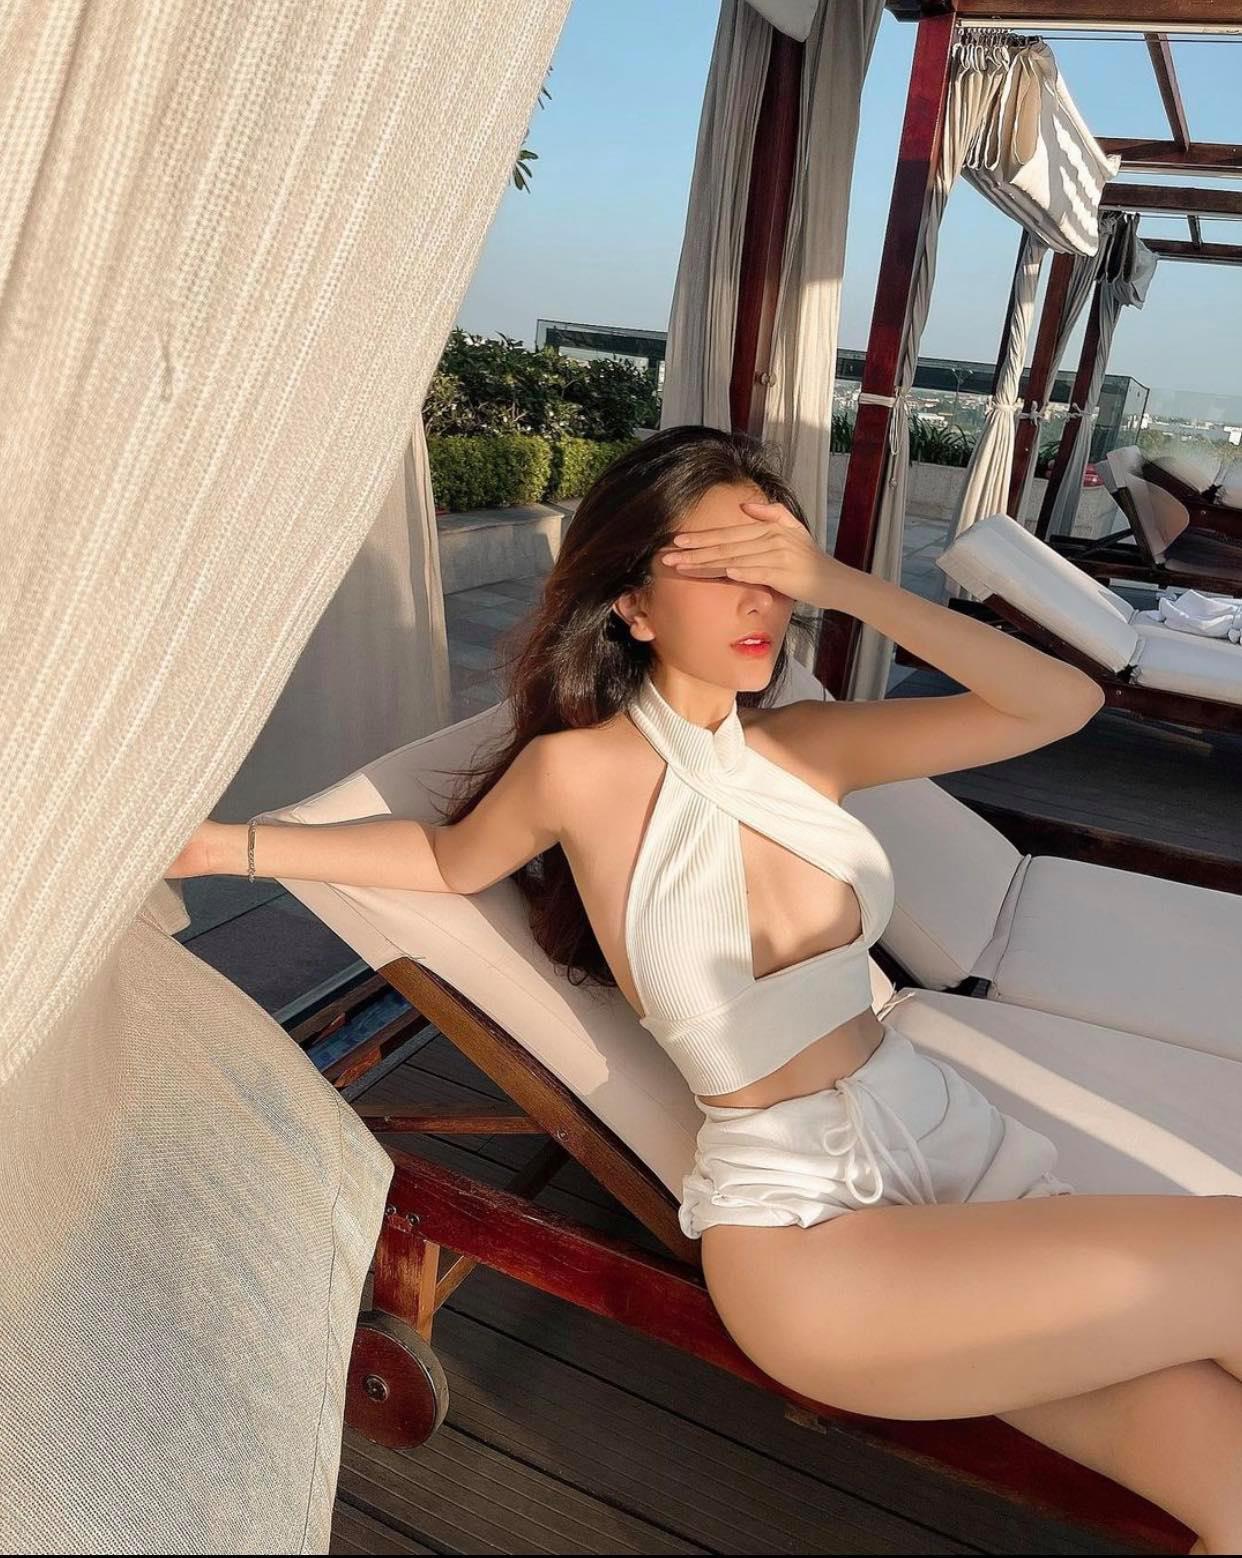 Nữ sinh hot nhất Sài thành tiết lộ đẹp hơn là nhờ ngủ - 4